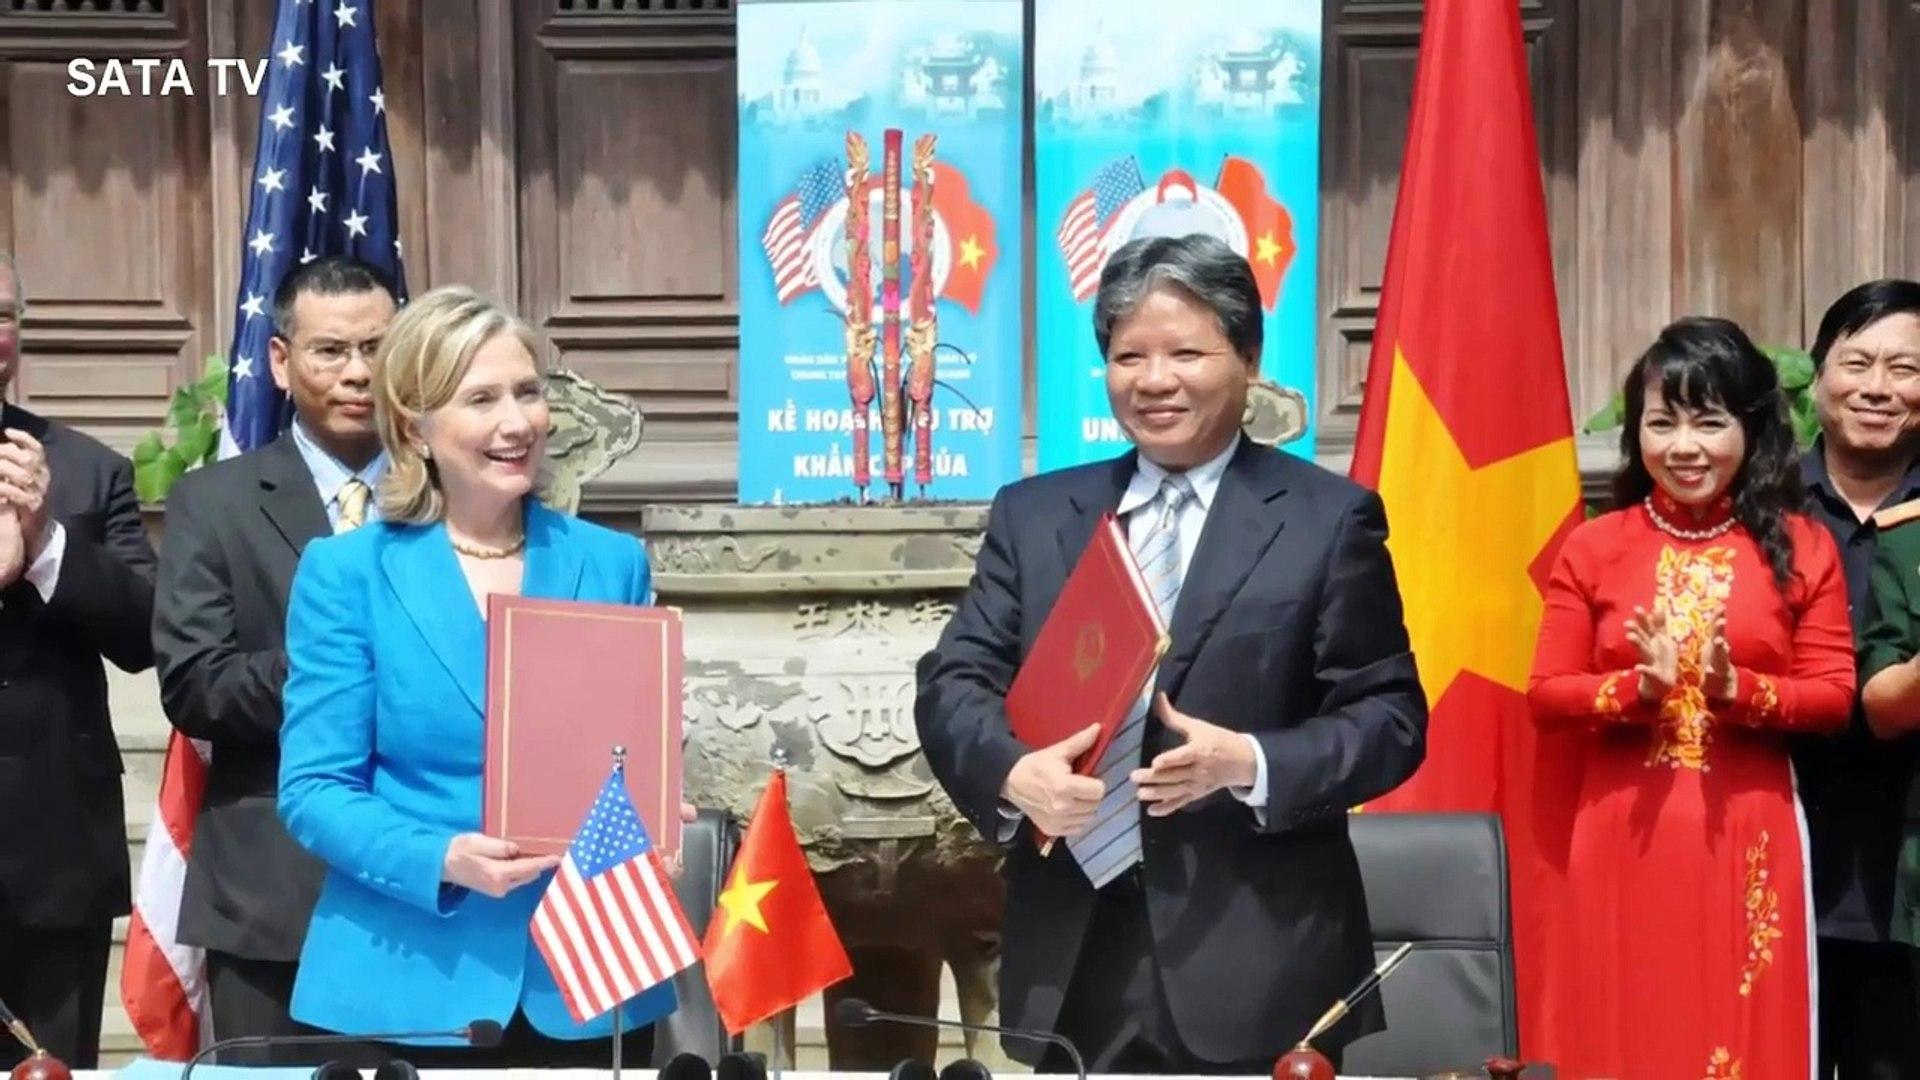 Tin Mới - Mỹ Sẽ Cùng Việt Nam Chống Trung Quốc Sau Bầu Cử Tổng Thống